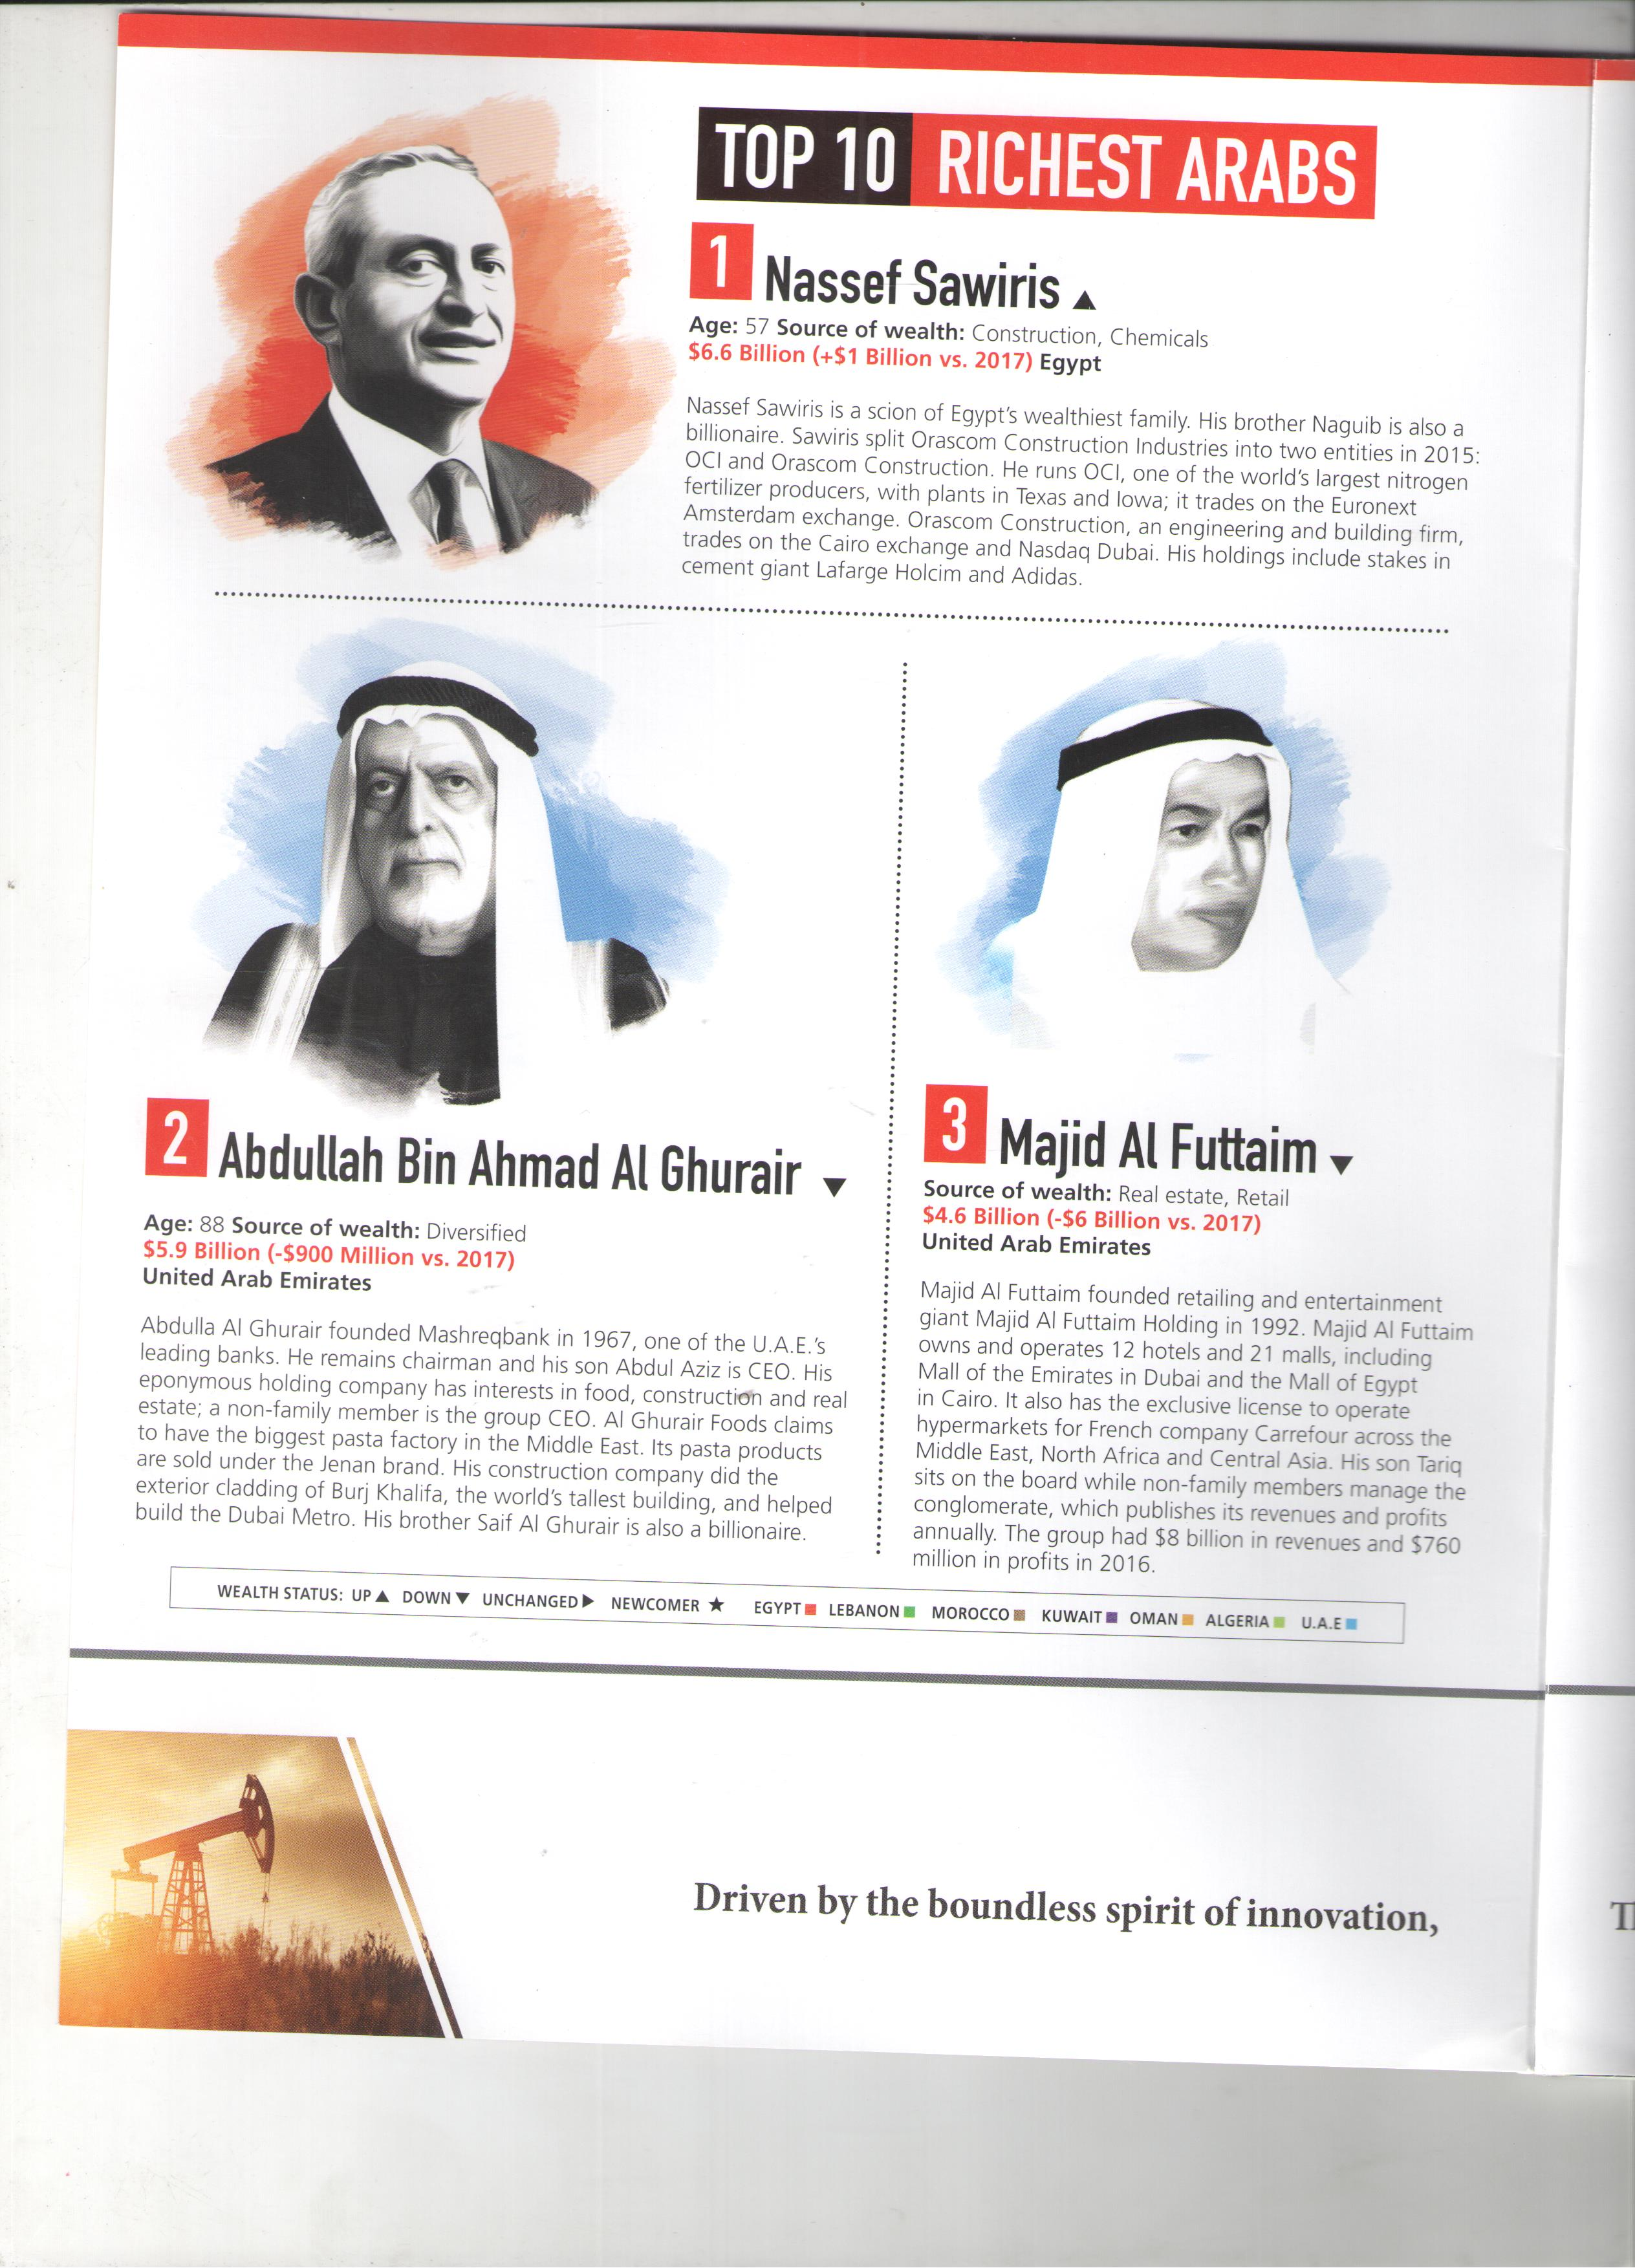 813873-ناصف-ساويرس-يتصدر-قائمة-فوربس-لأثرياء-العرب-2018-بـ6.6-مليار-دولار